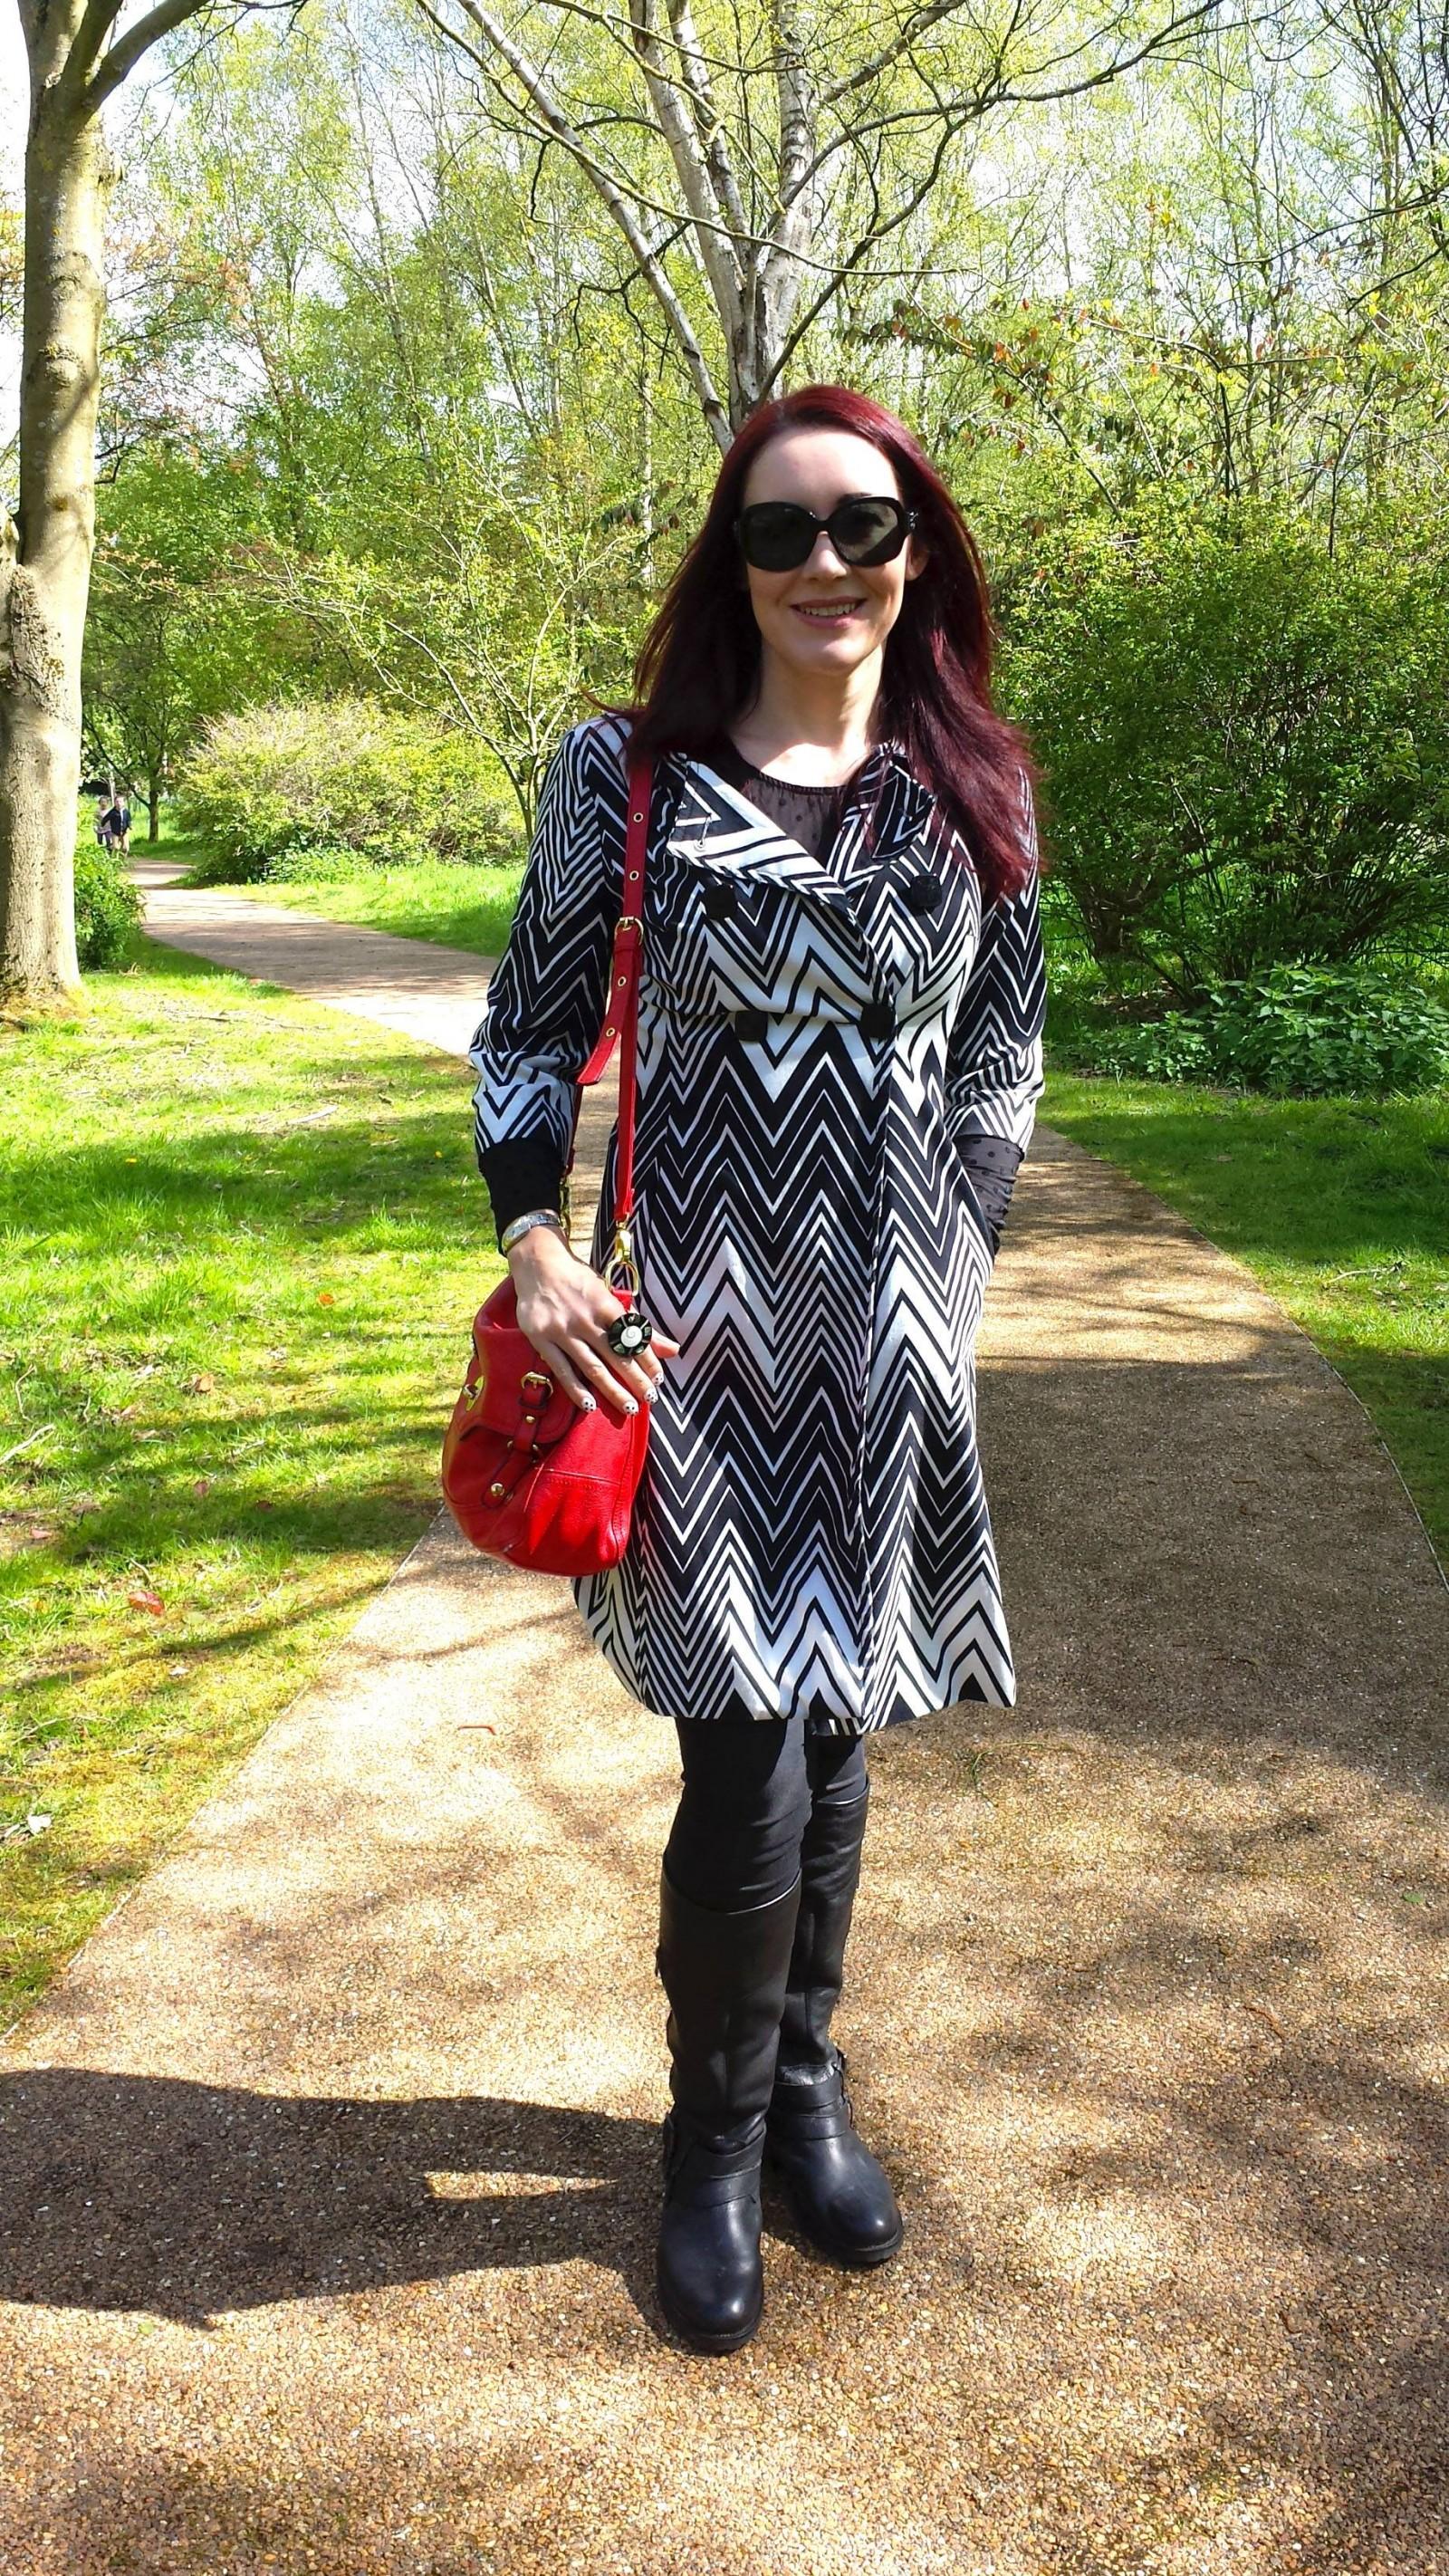 Monochrome Zigzag Print Coat - A Day Out at Jodrell Bank, Principles Ben de Lisi coat